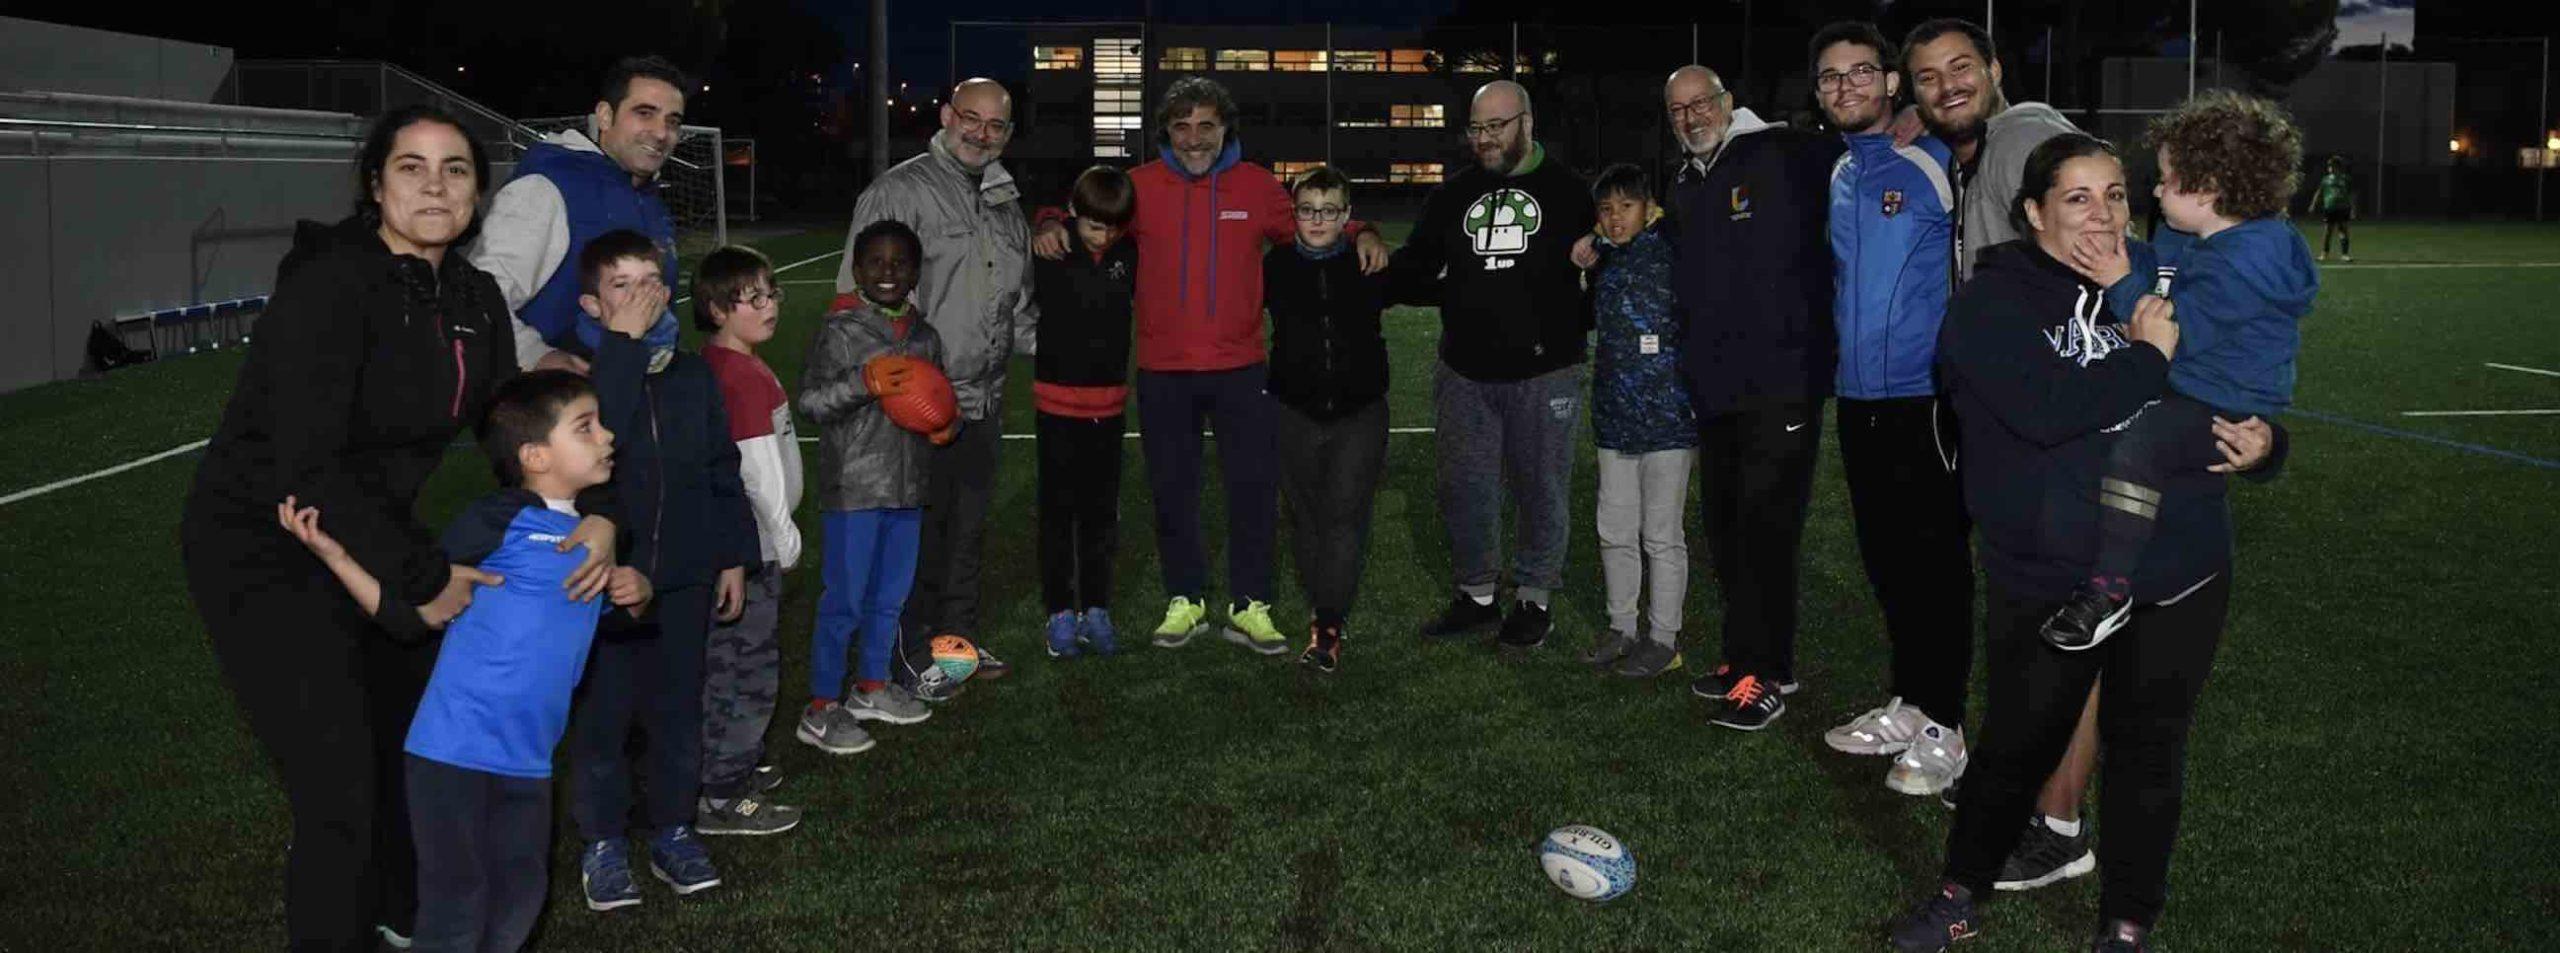 colaboradores del equipo de rugby inclusivo del CRUC